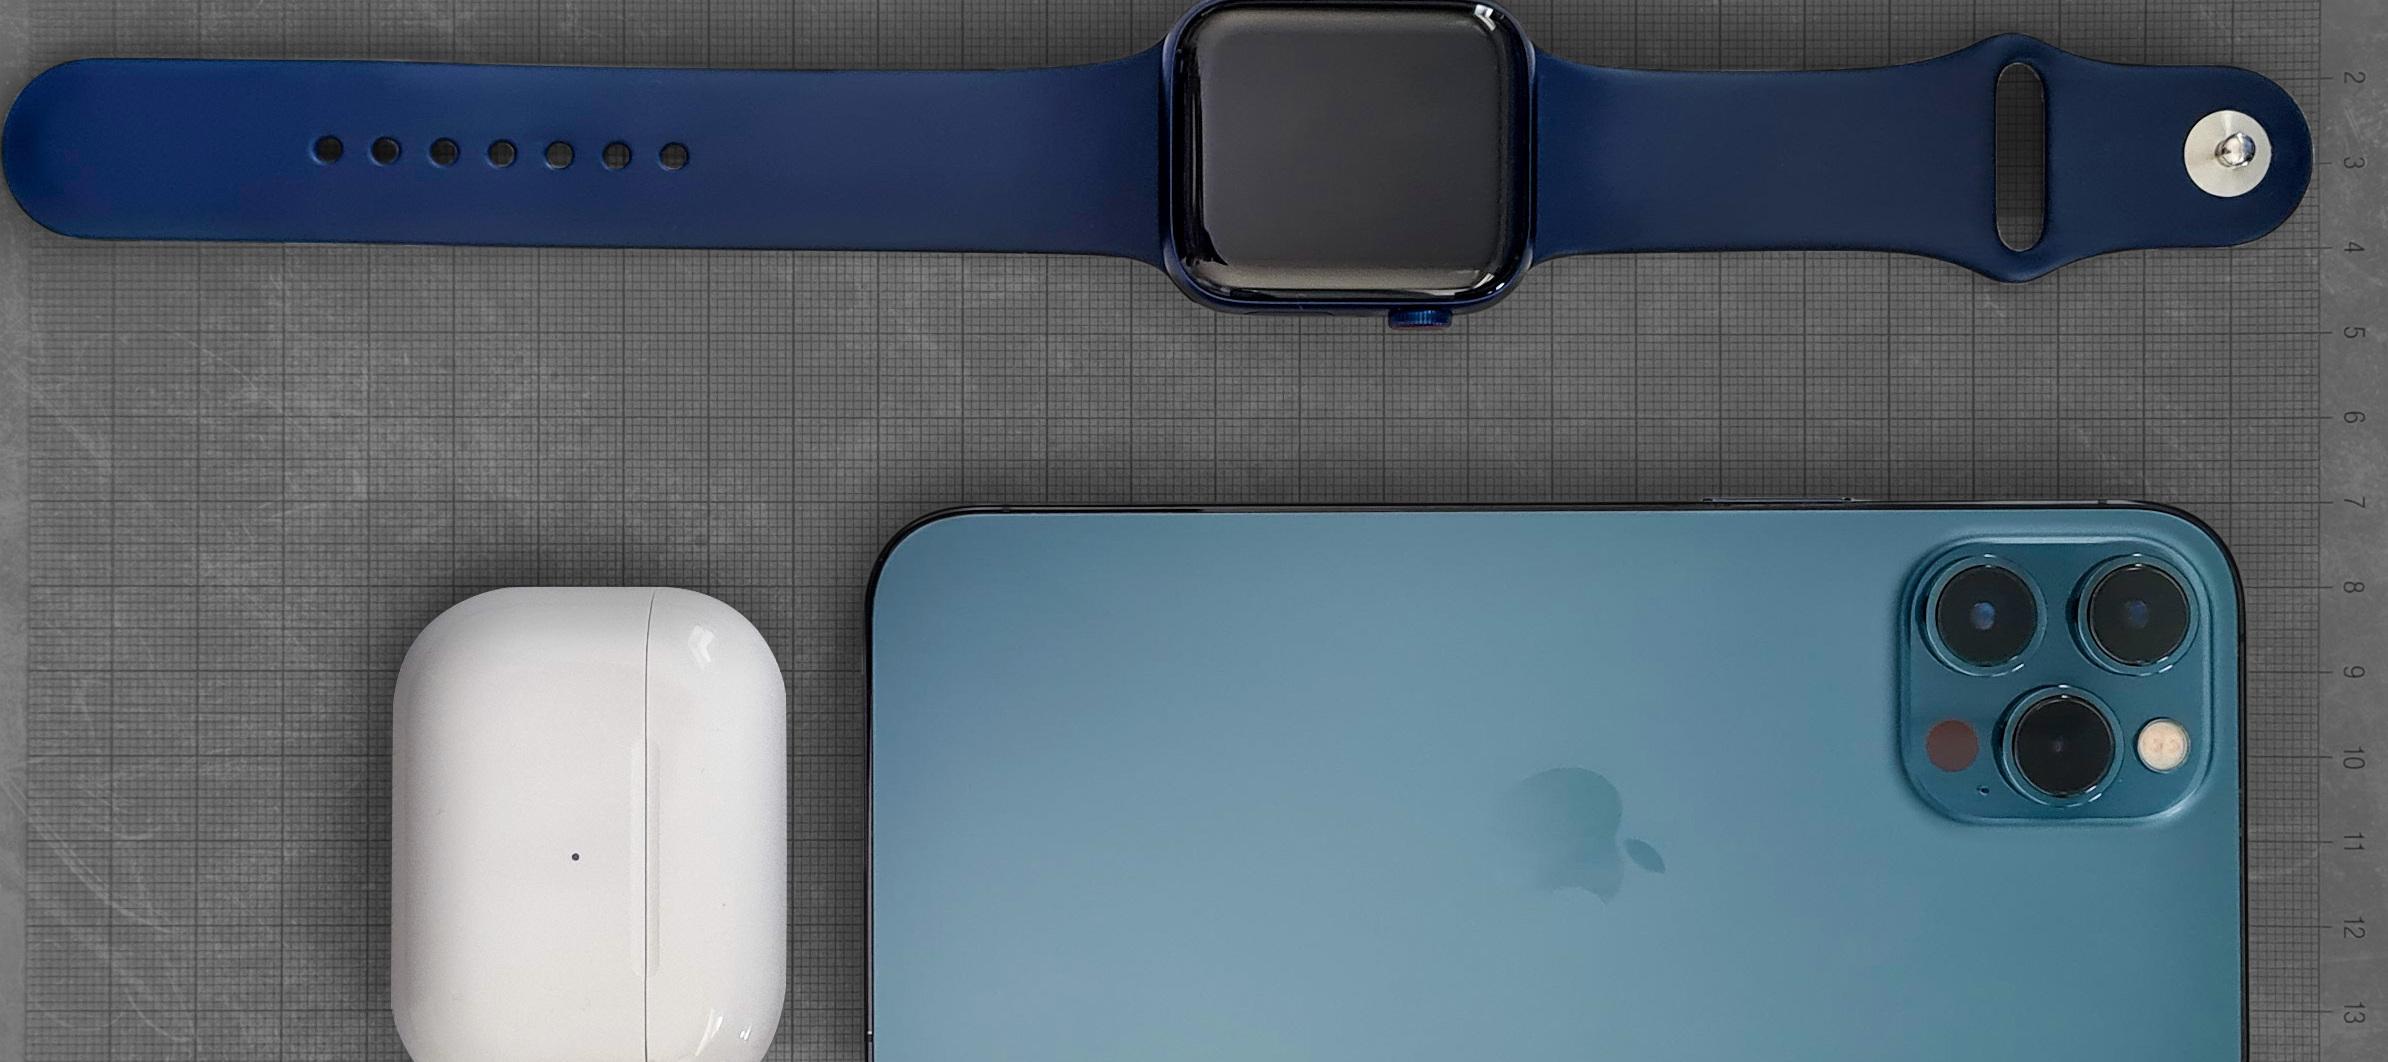 IPhone 12 Pro Max - lohnt sich der Umstieg auf iOS?